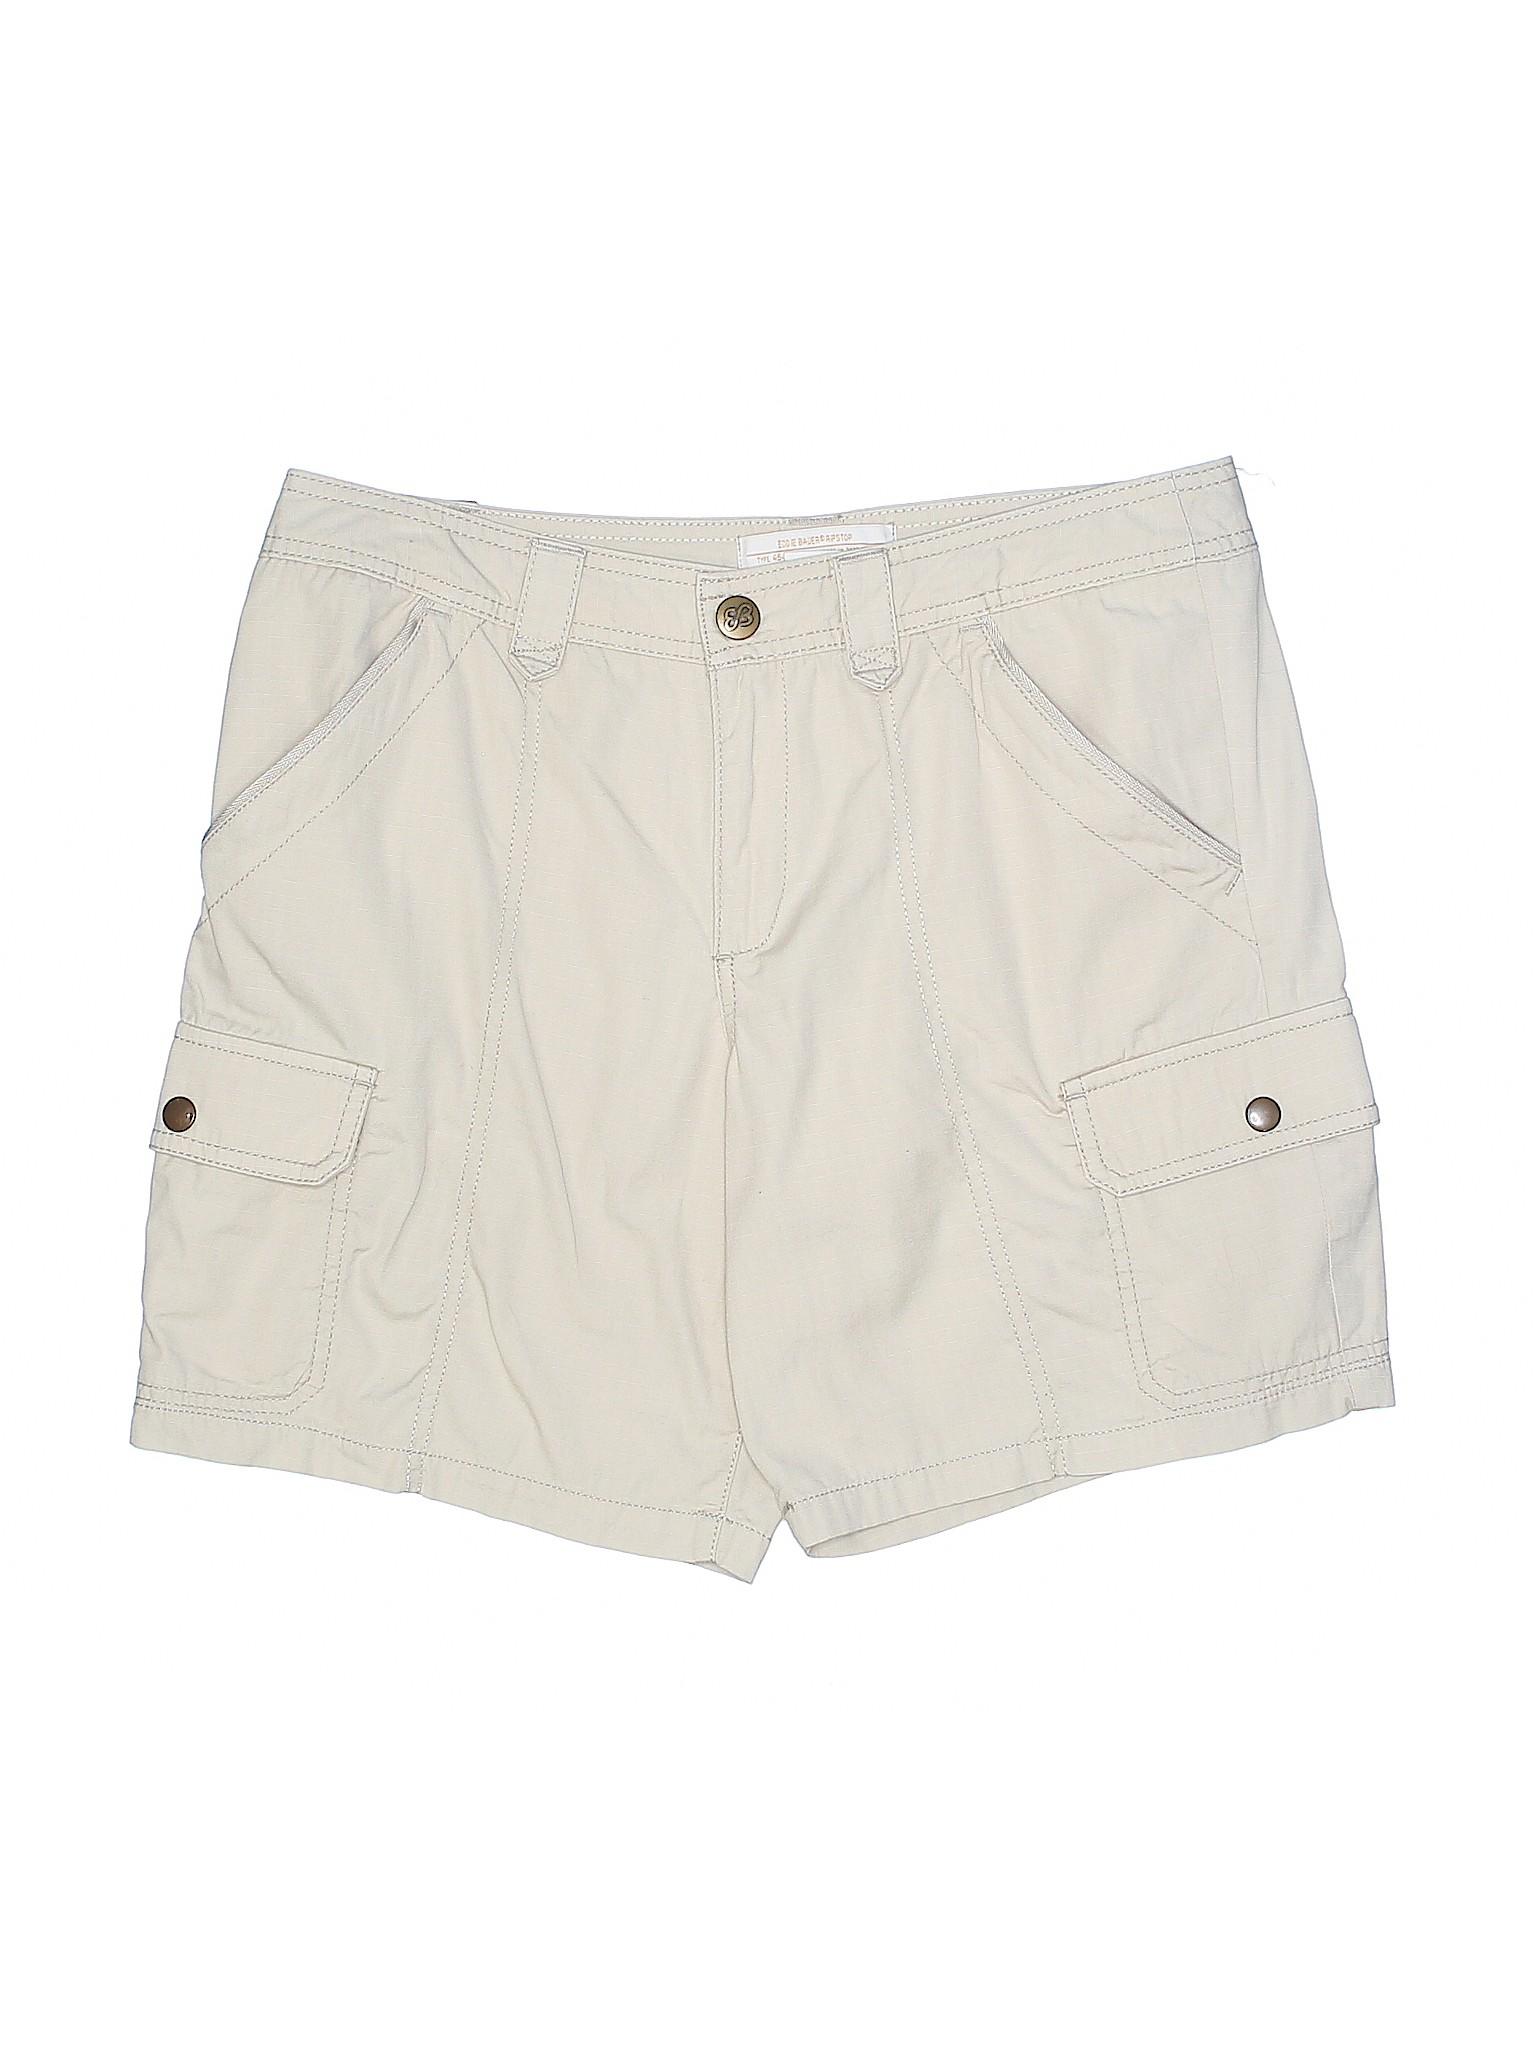 winter Cargo Bauer Shorts Eddie Boutique wqHdZw